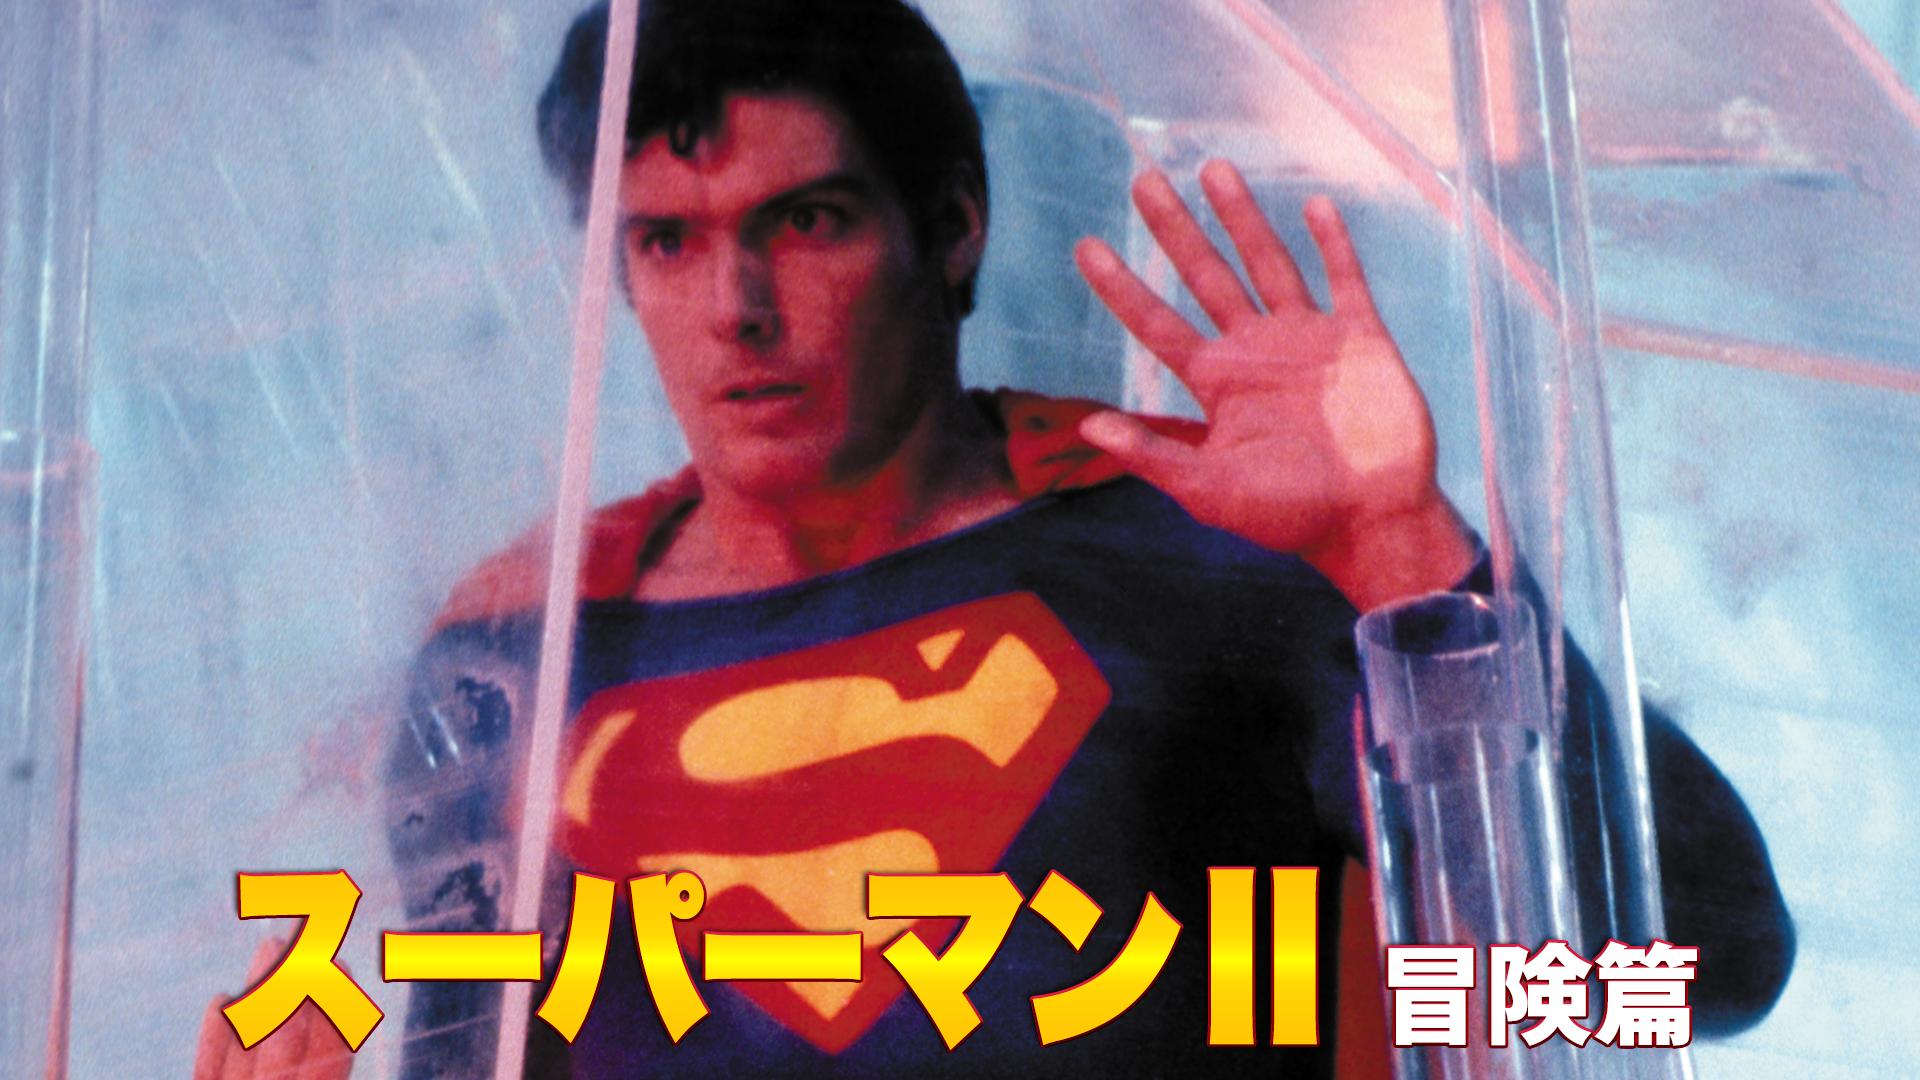 スーパーマンII 冒険篇の動画 - スーパーマンIII 電子の要塞